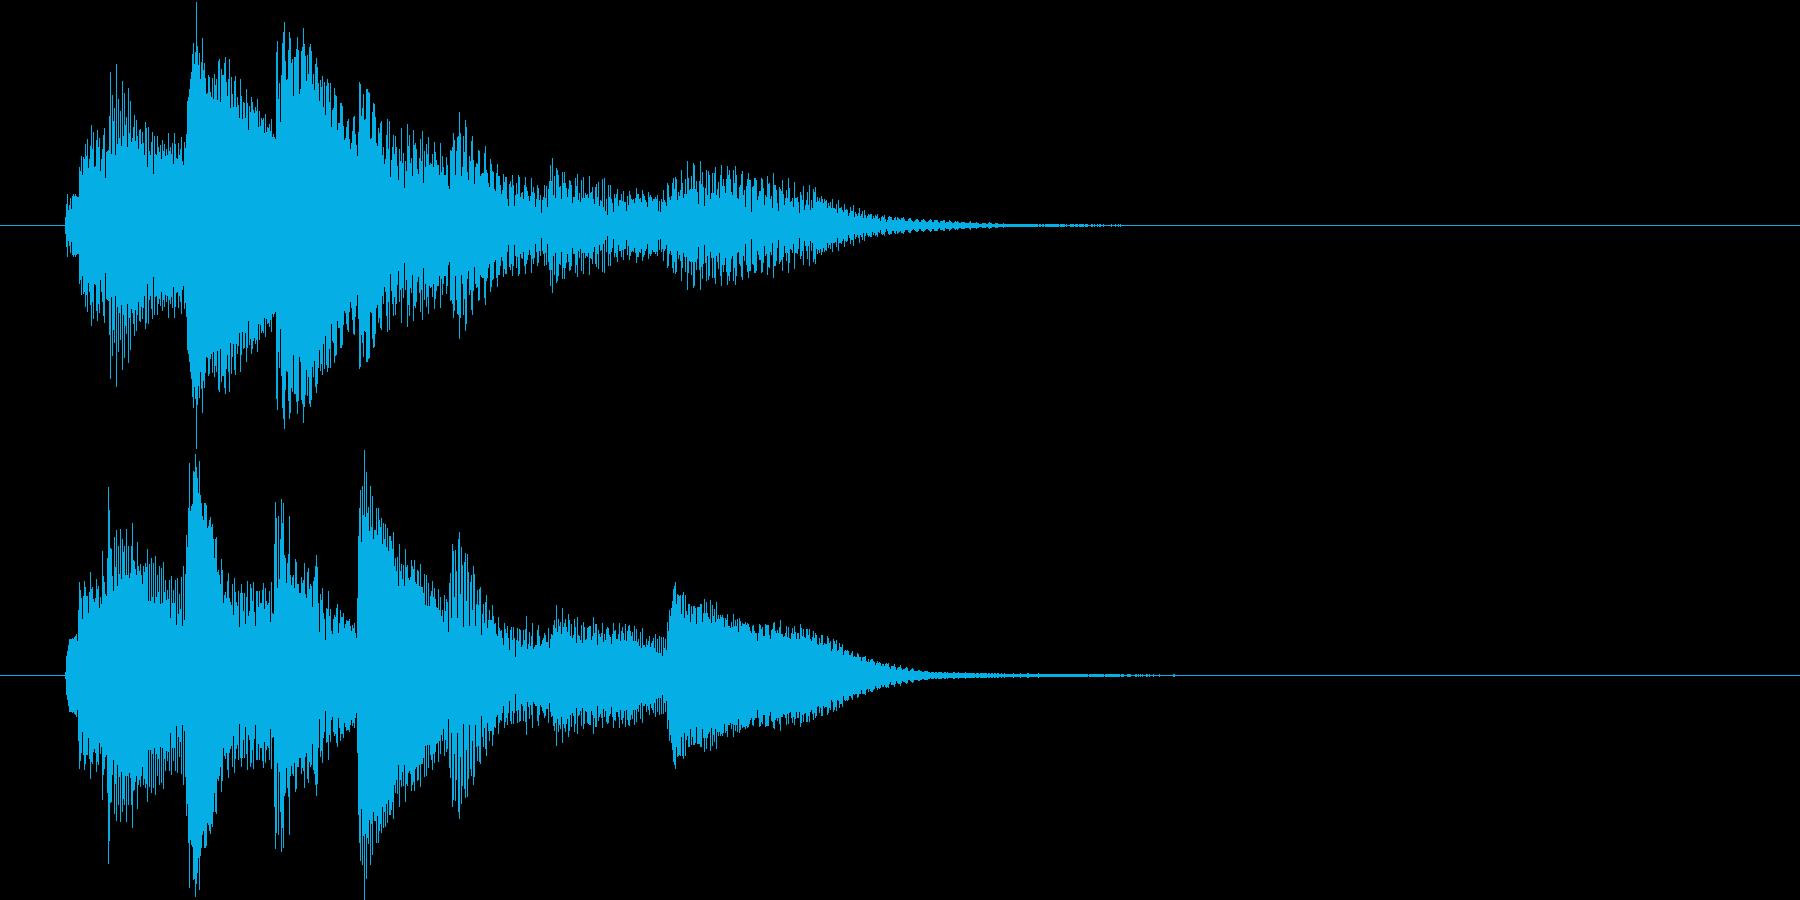 場面転換用ピアノソロの短いジングルの再生済みの波形